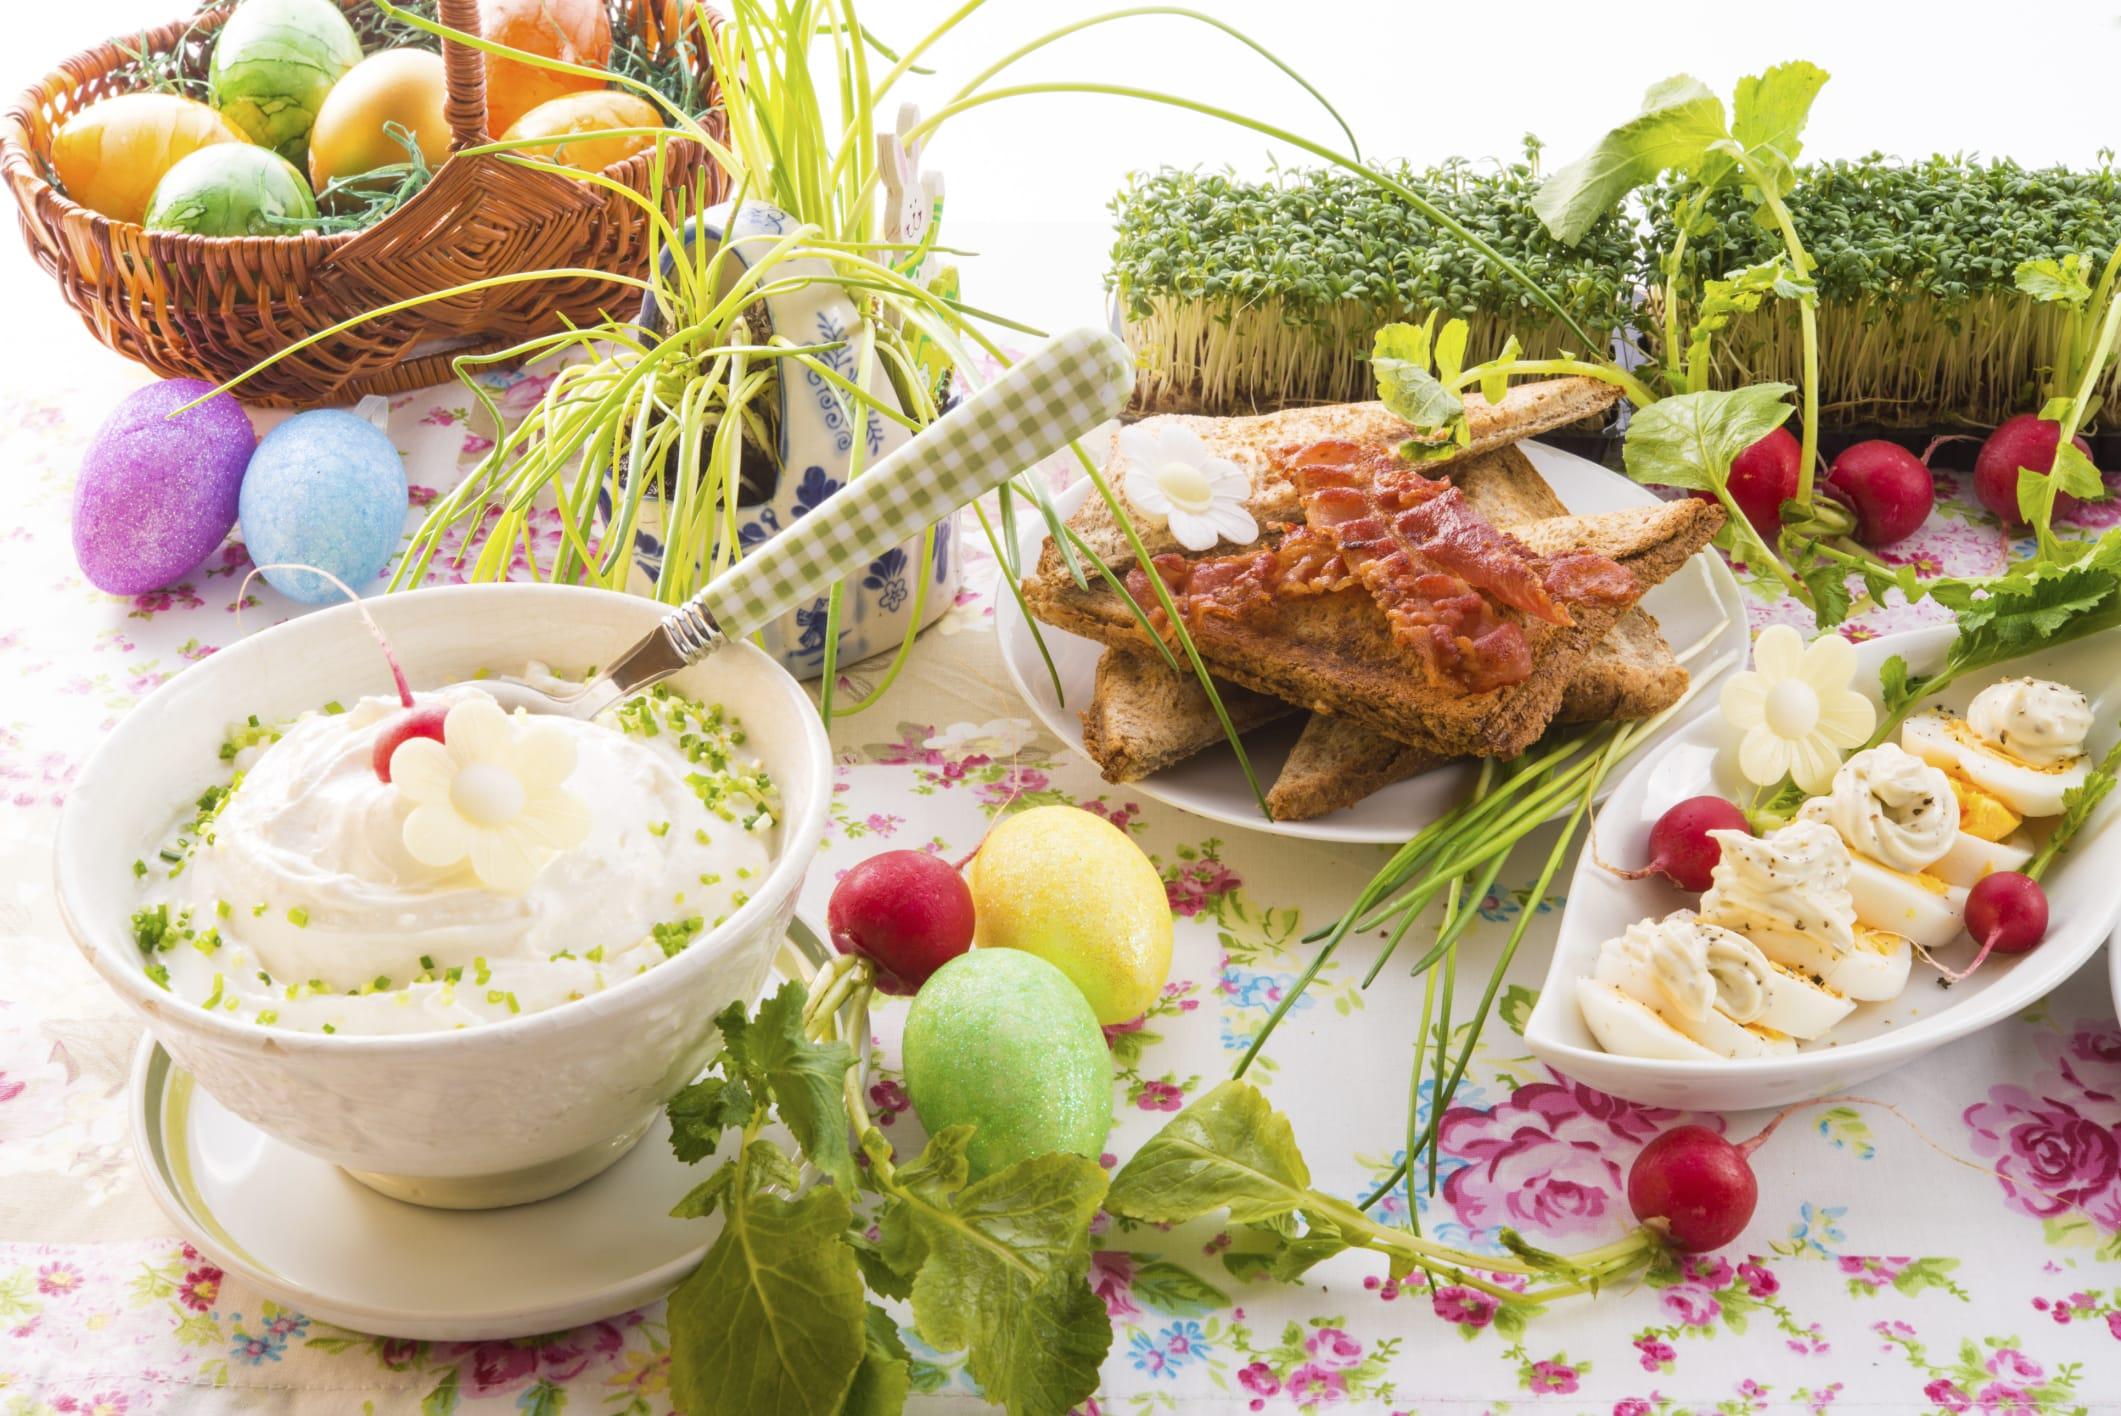 Consigli per il pranzo di pasqua non sprecare - Tavola da pranzo ...